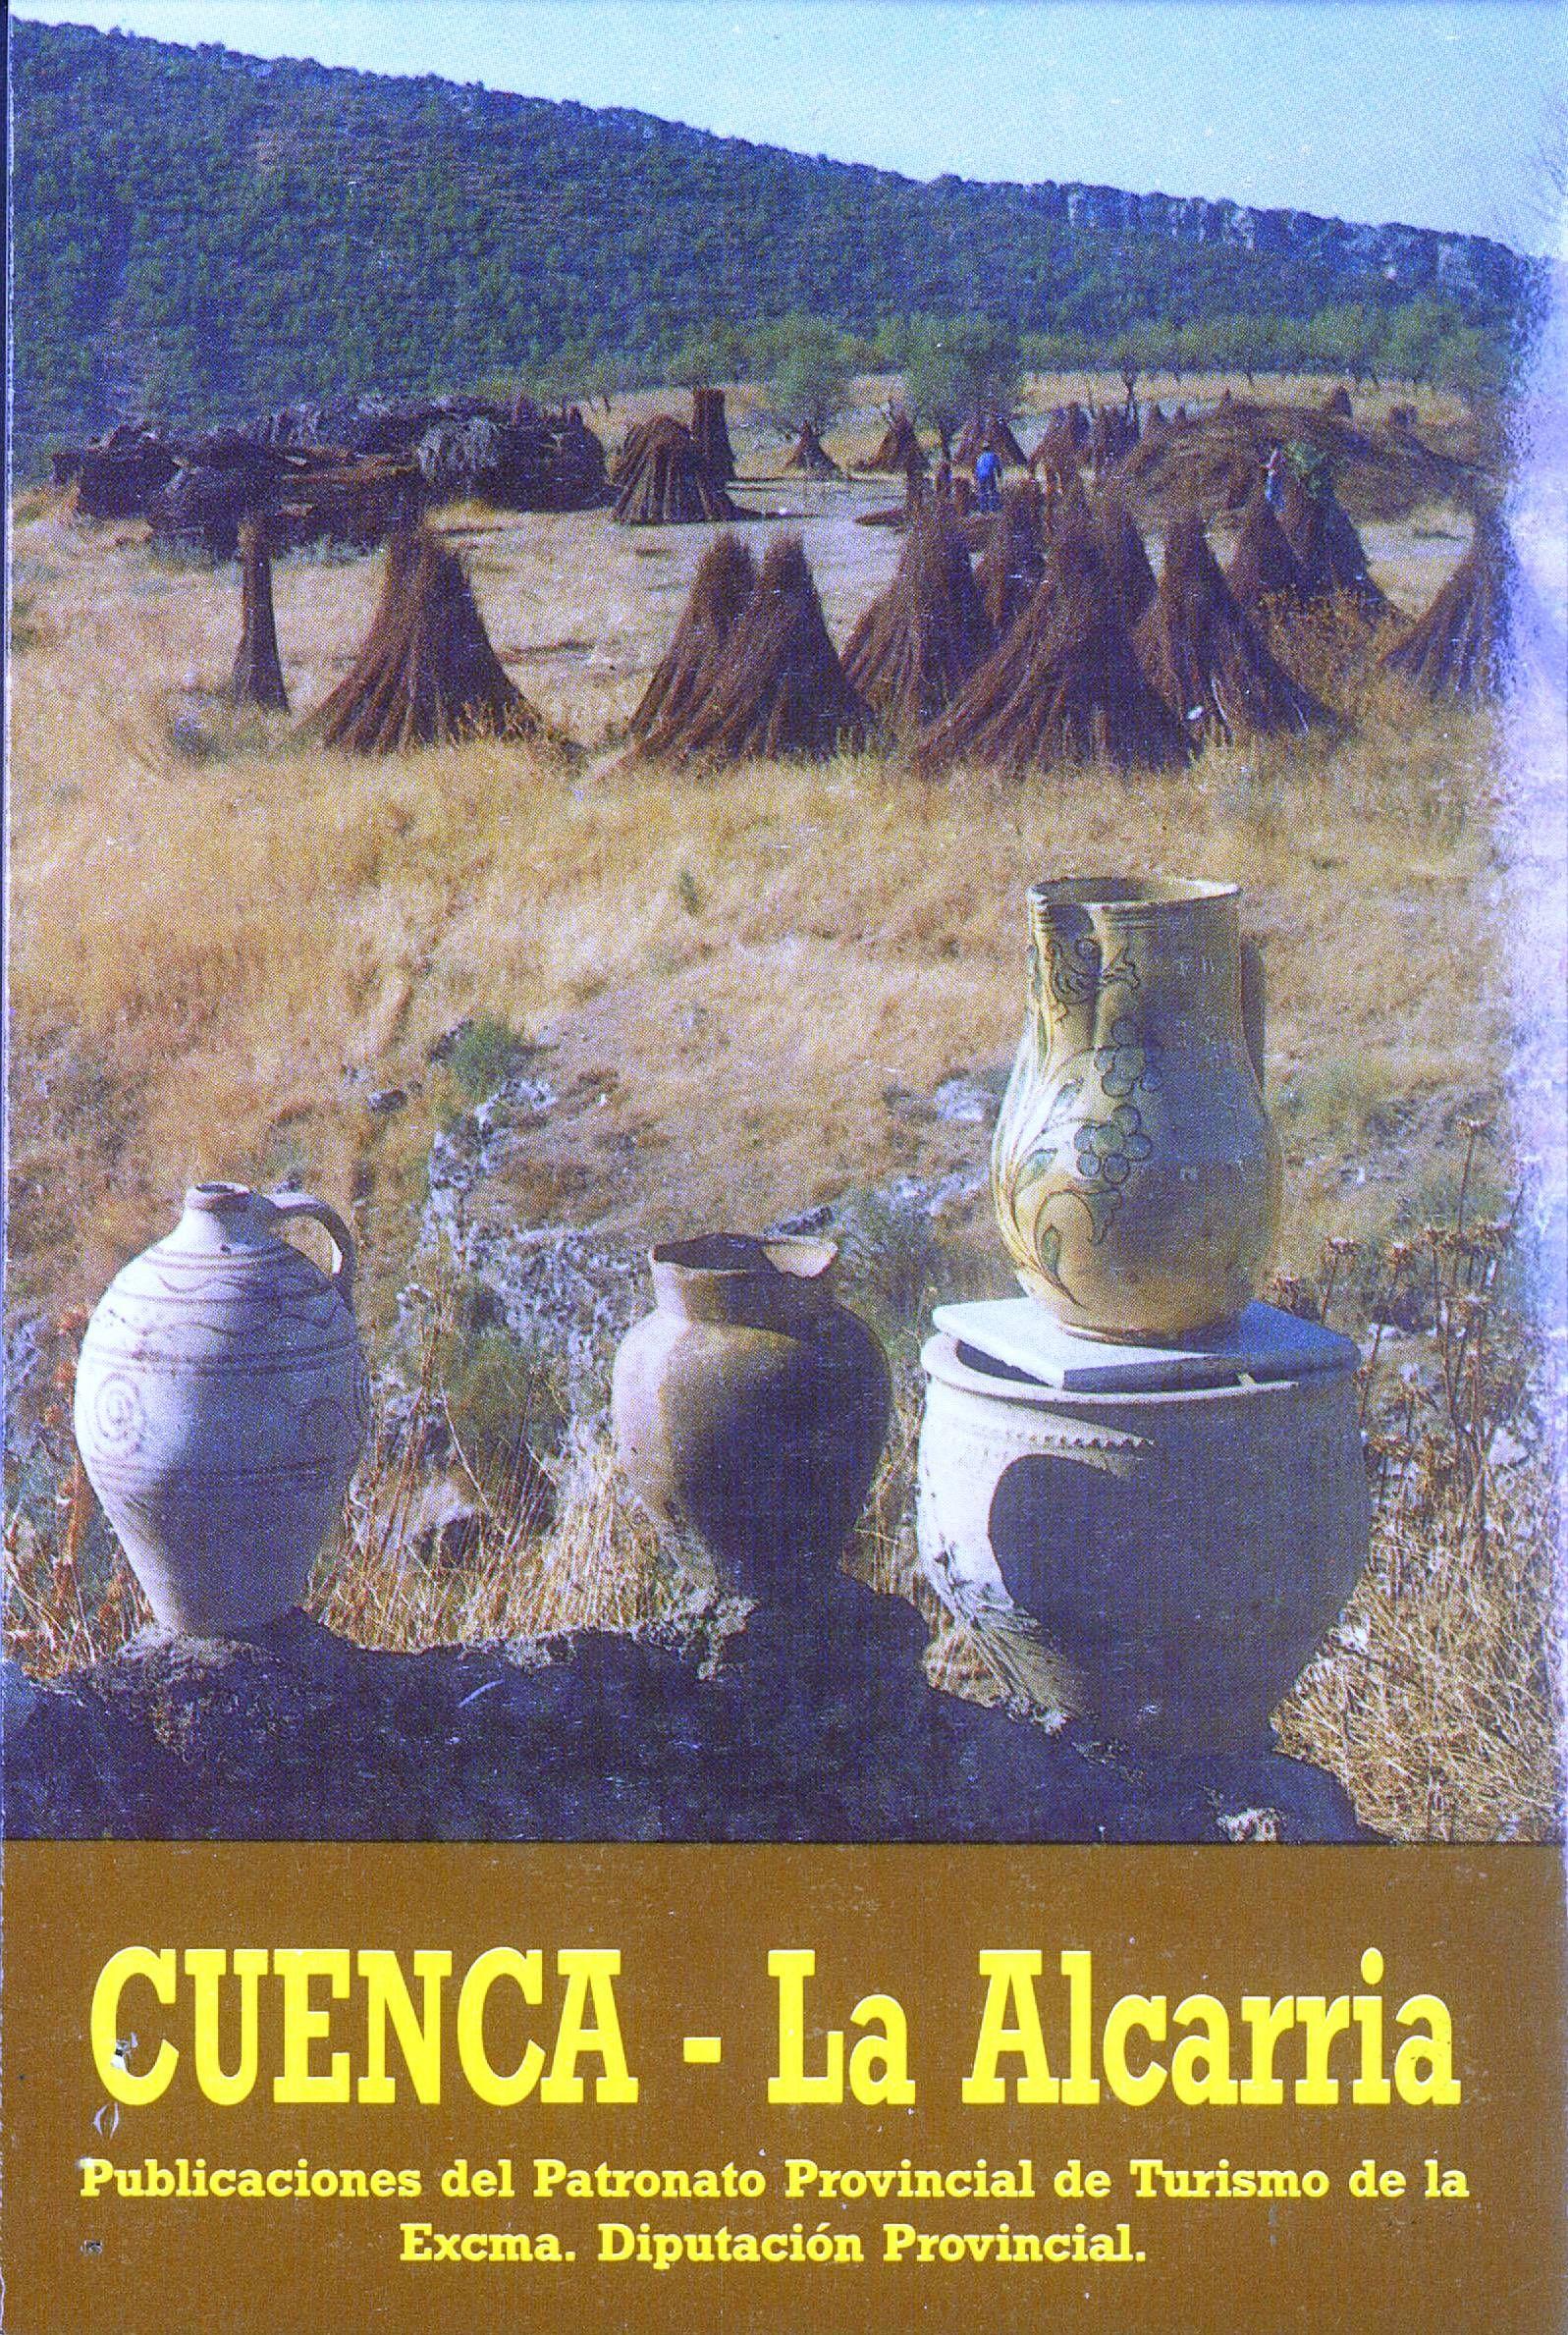 Tarjeta postal de La Alcarria conquense editada por el Patronato Provincial de Turismo de la Diputación Provincial de Cuenca, 1988. #Cuenca #AlcarriaConquense #Turismo #DiputacionProvincialCuenca